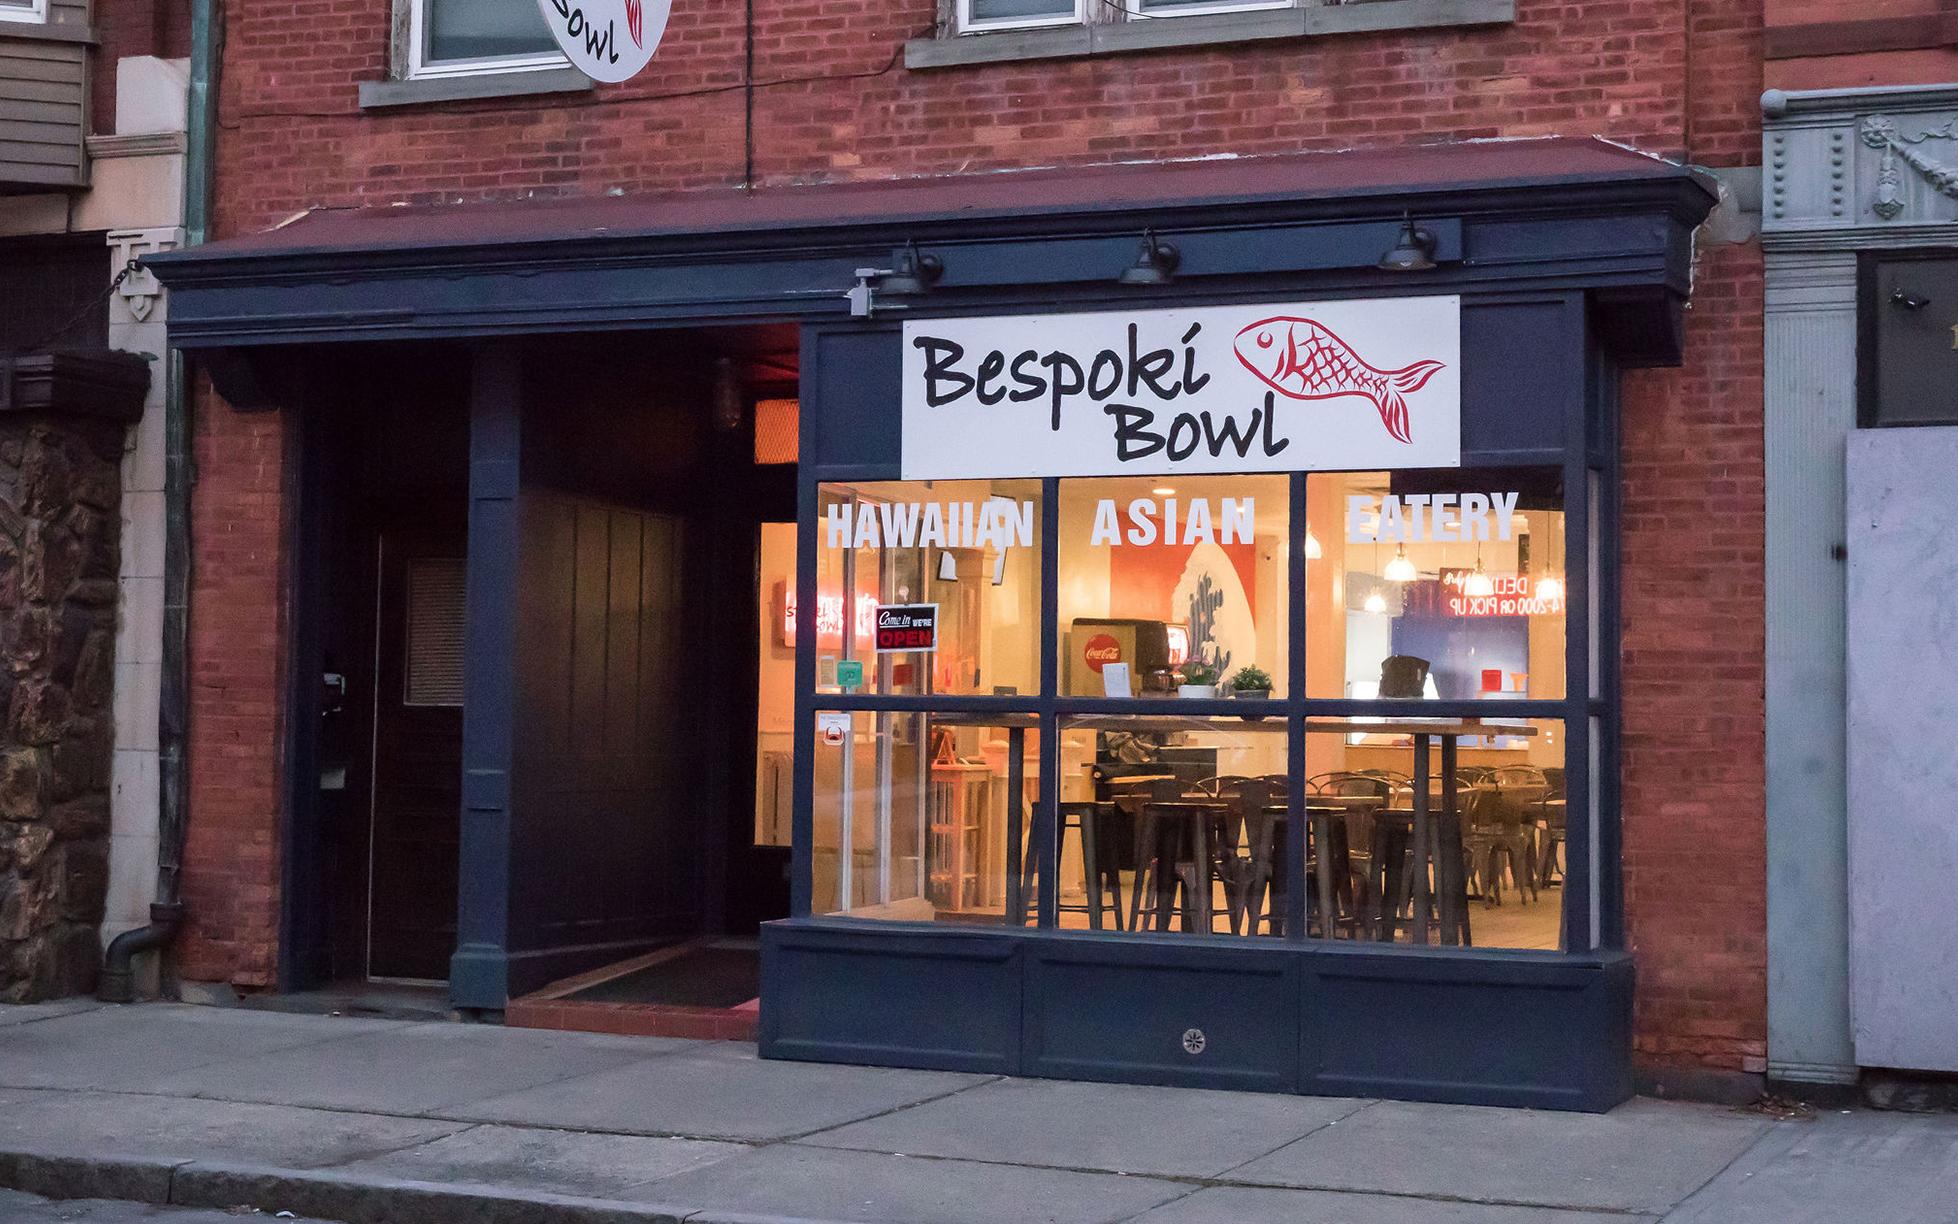 Bespoki Bowl Store